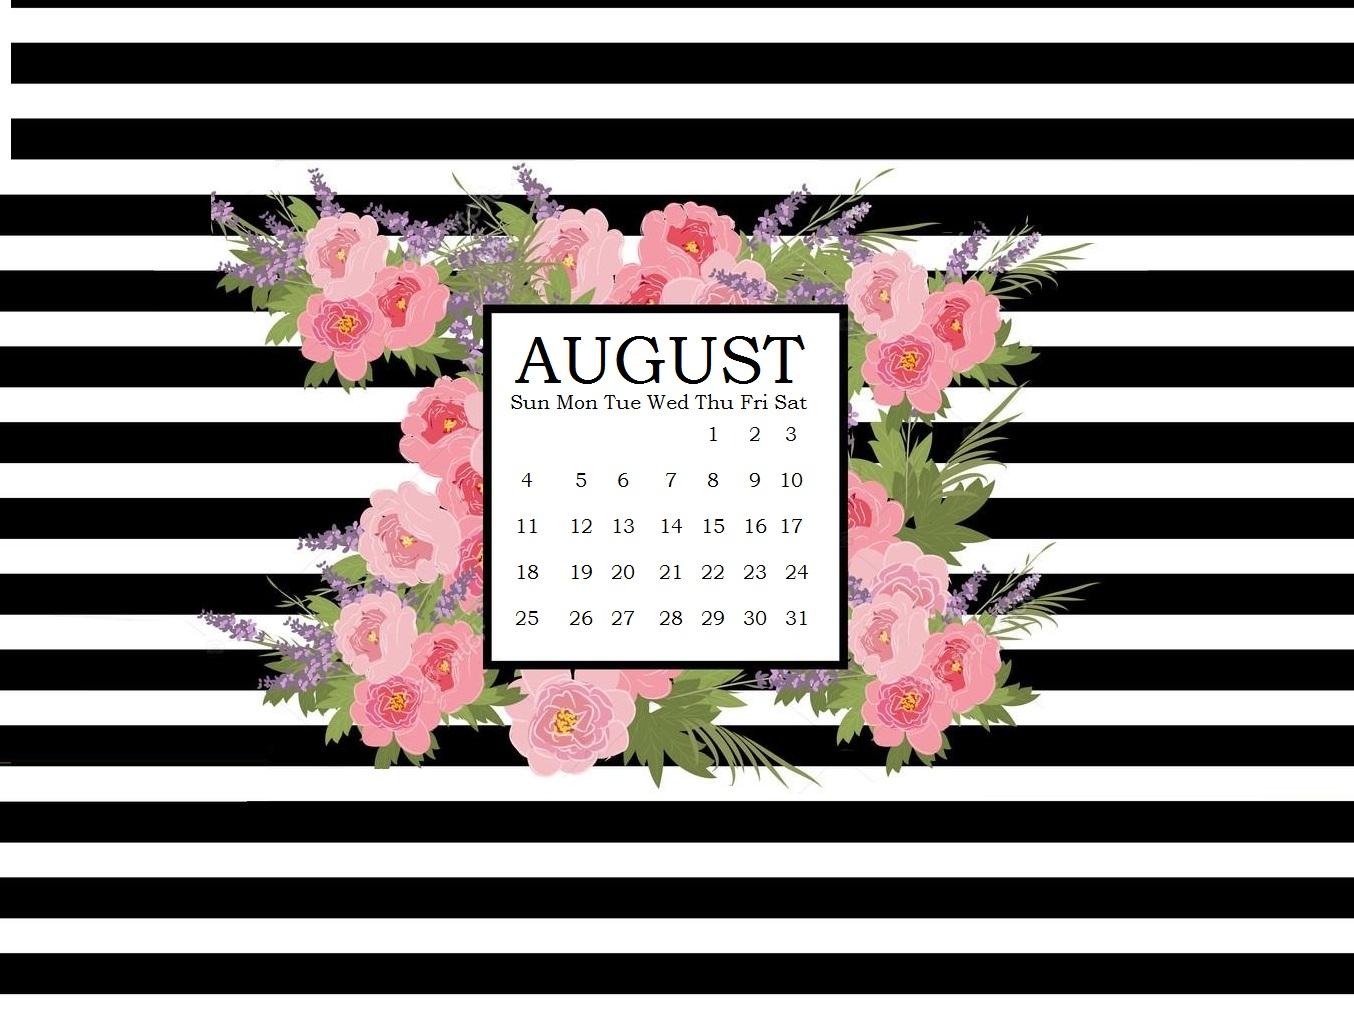 Floral August 2019 Calendar Wallpaper